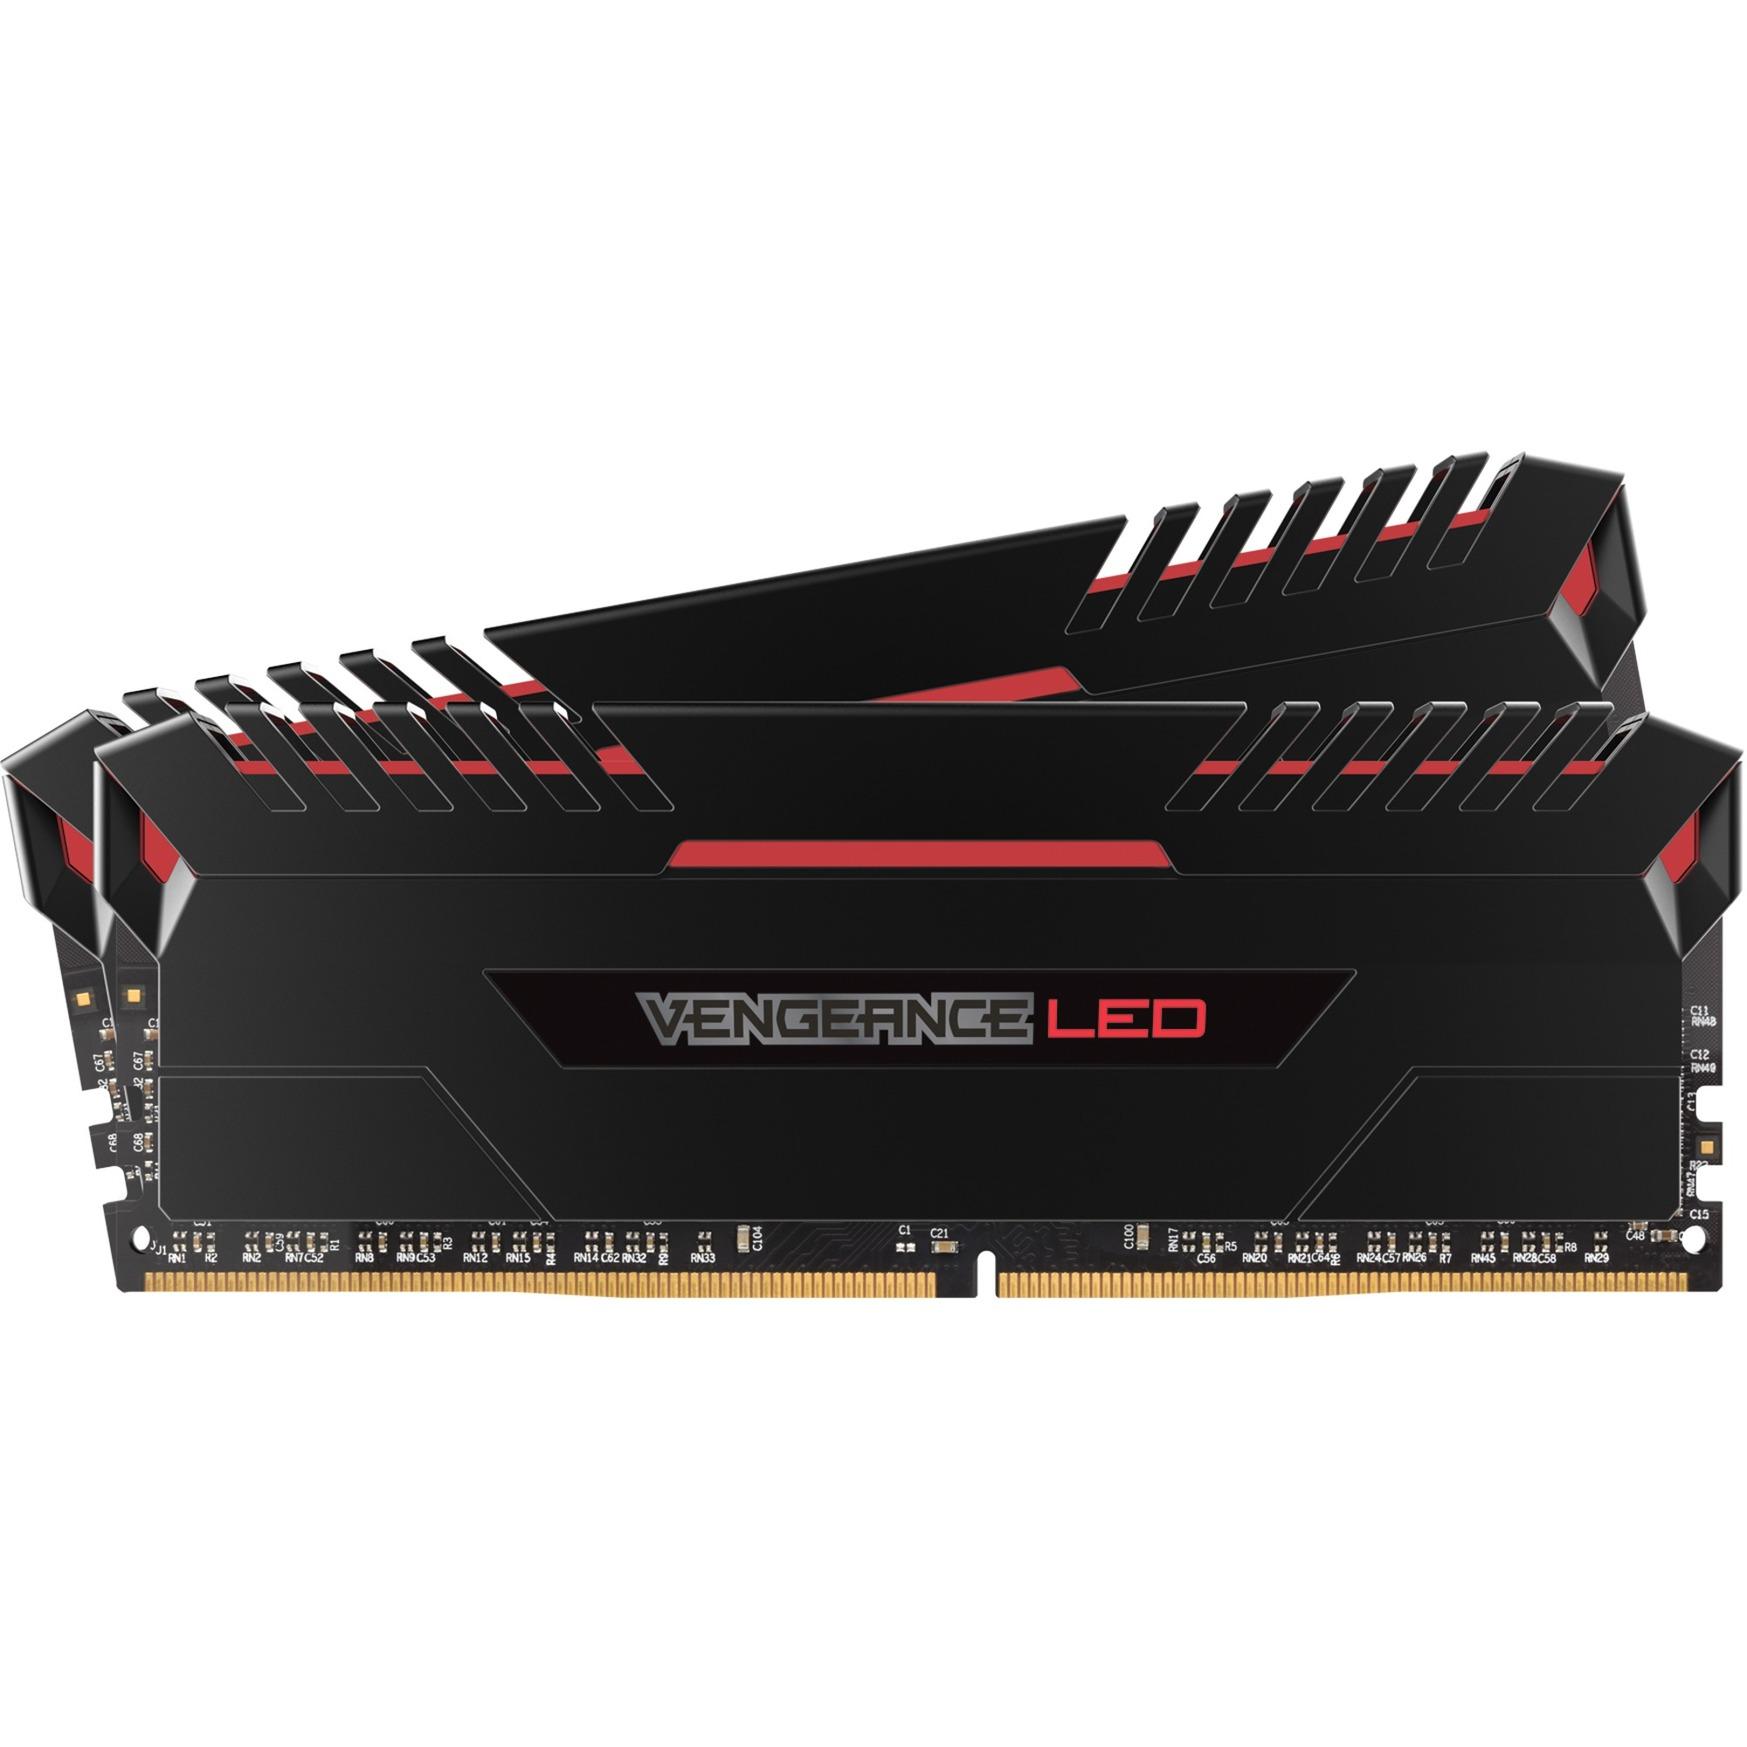 Vengeance LED 16 GB, DDR4, 3000 MHz 16Go DDR4 3000MHz module de mémoire